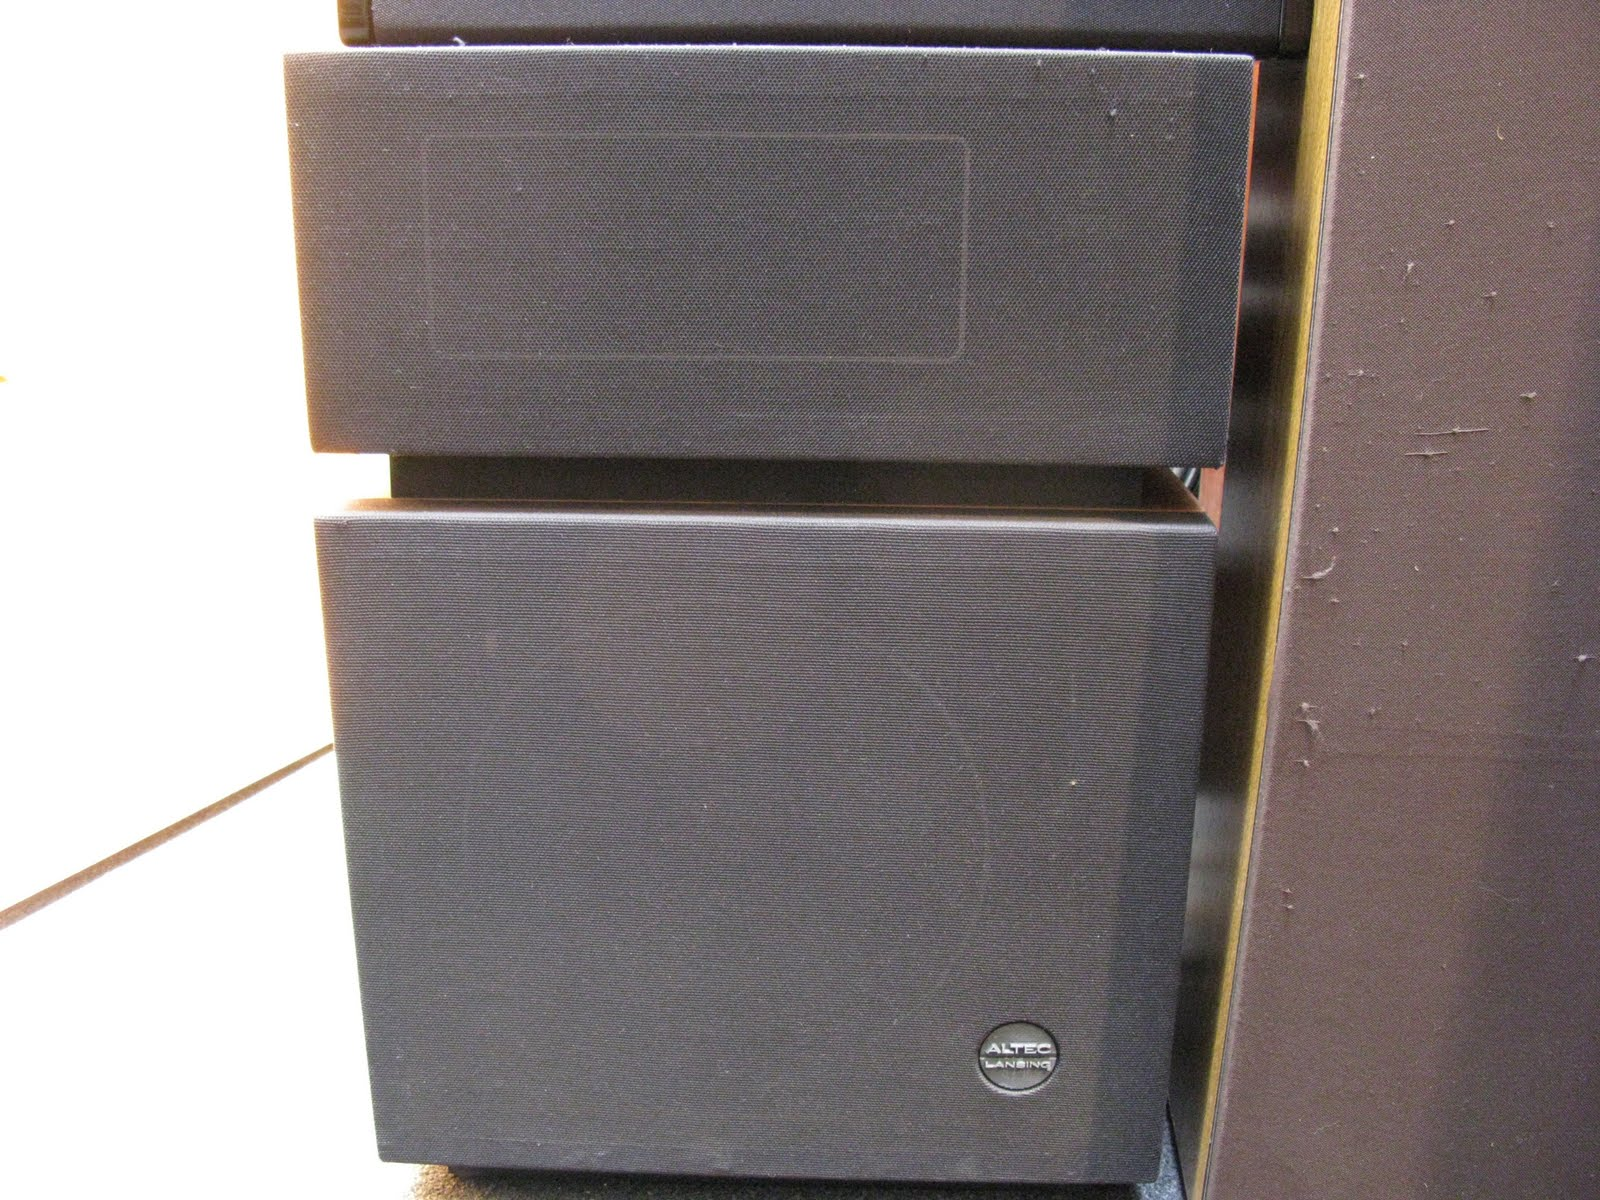 Altec Lansing Model 19 Speakers Specs